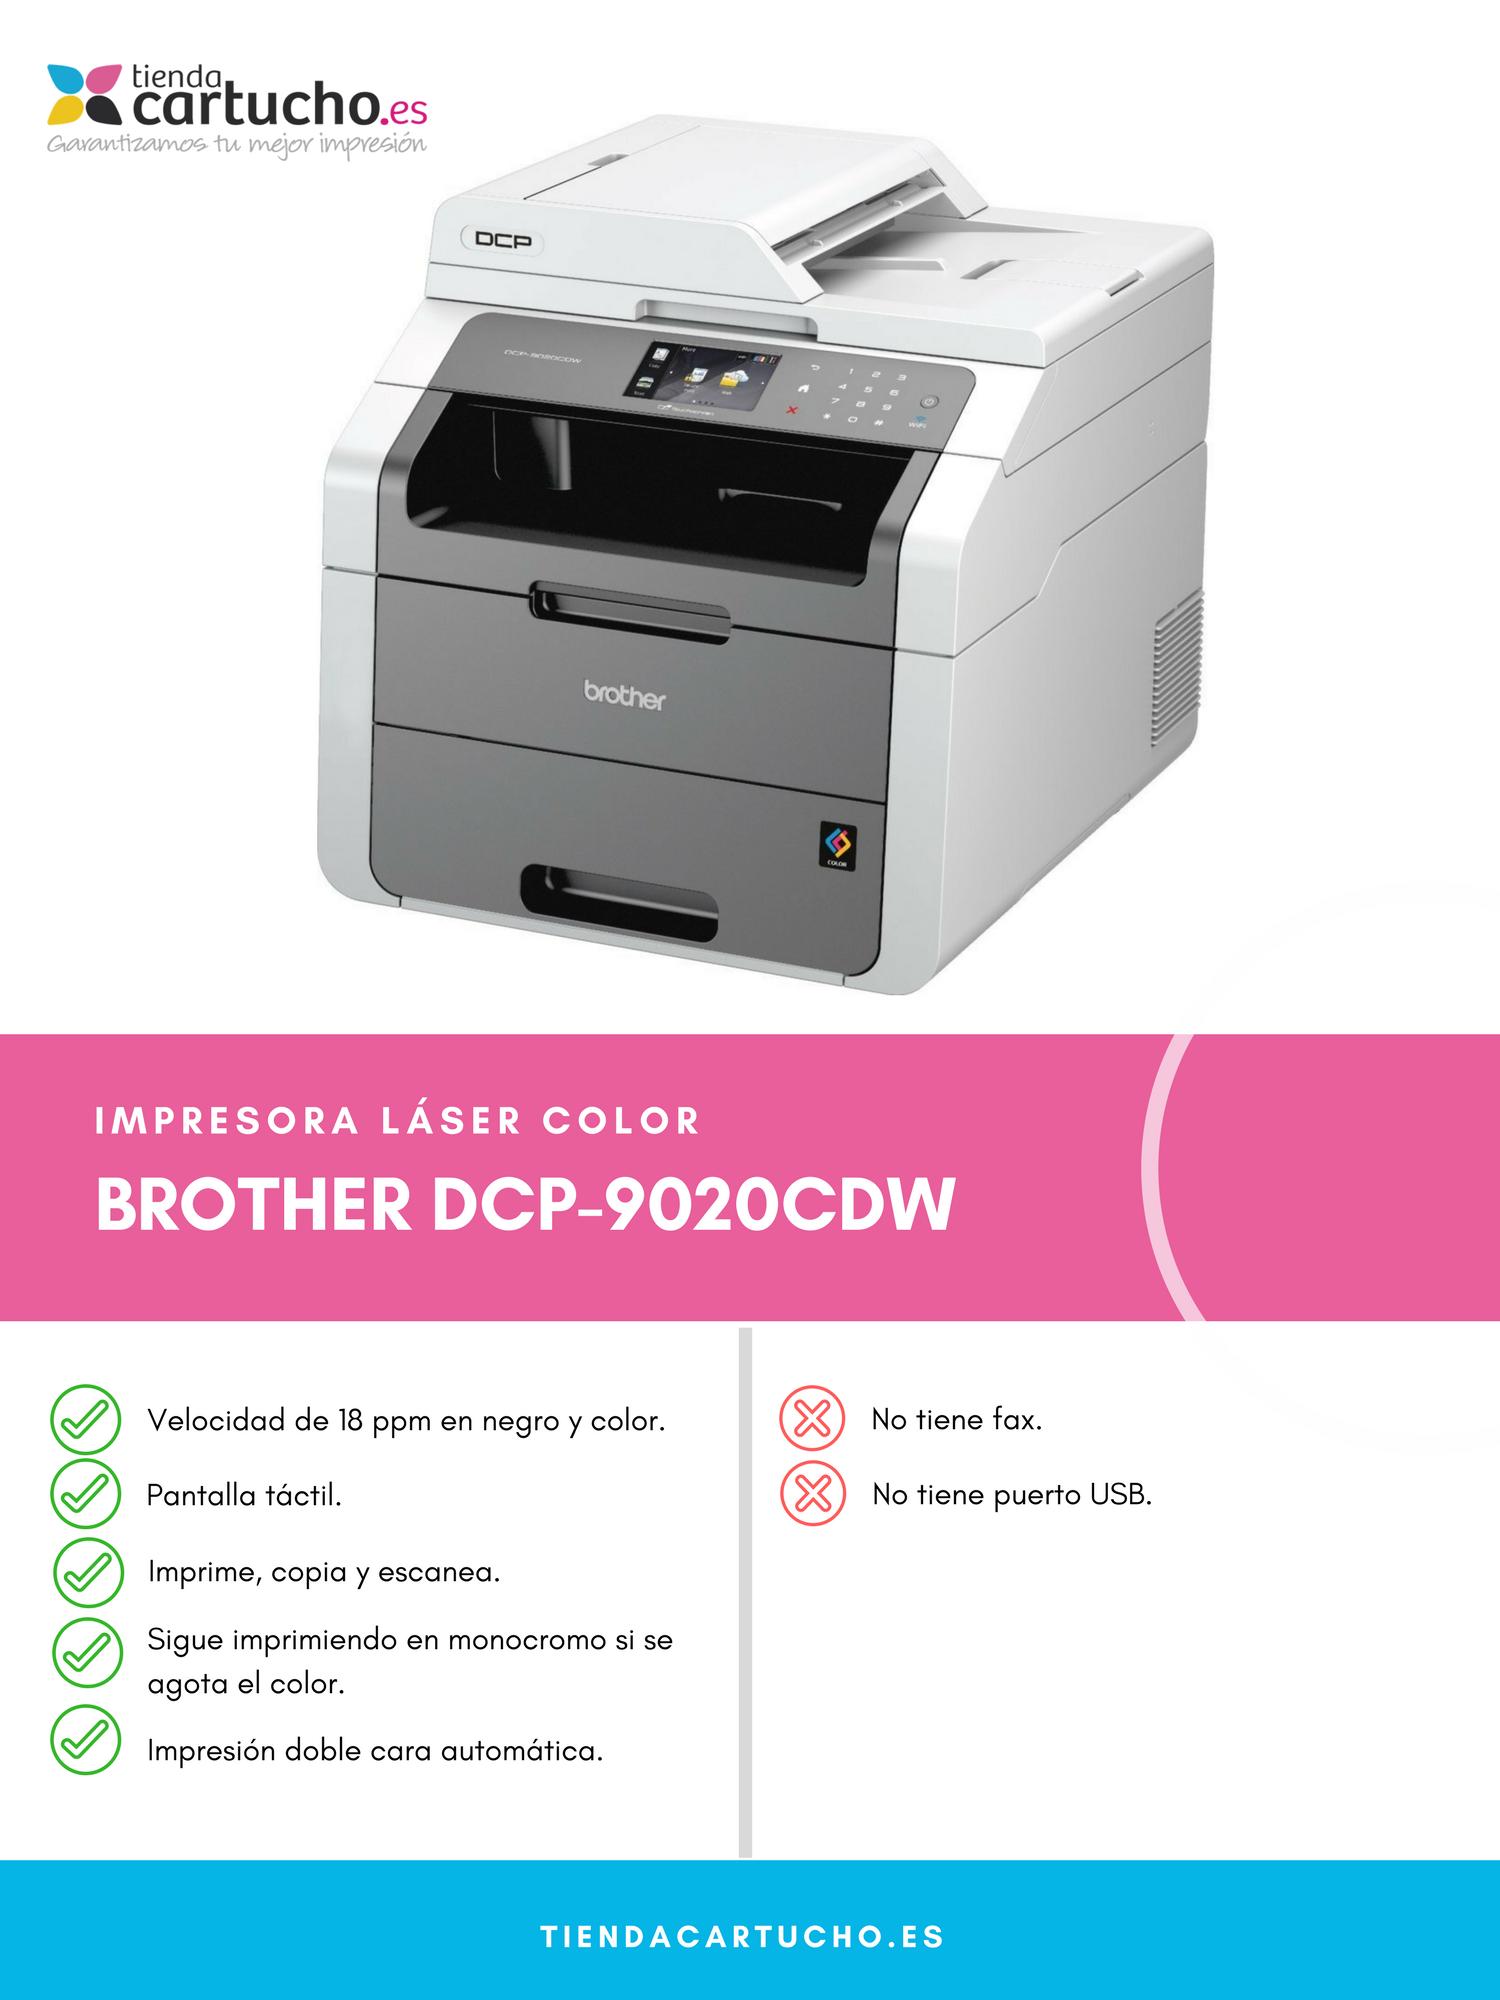 Brother DCP-9020CDW | Análisis & Opiniones | Me la Compro?